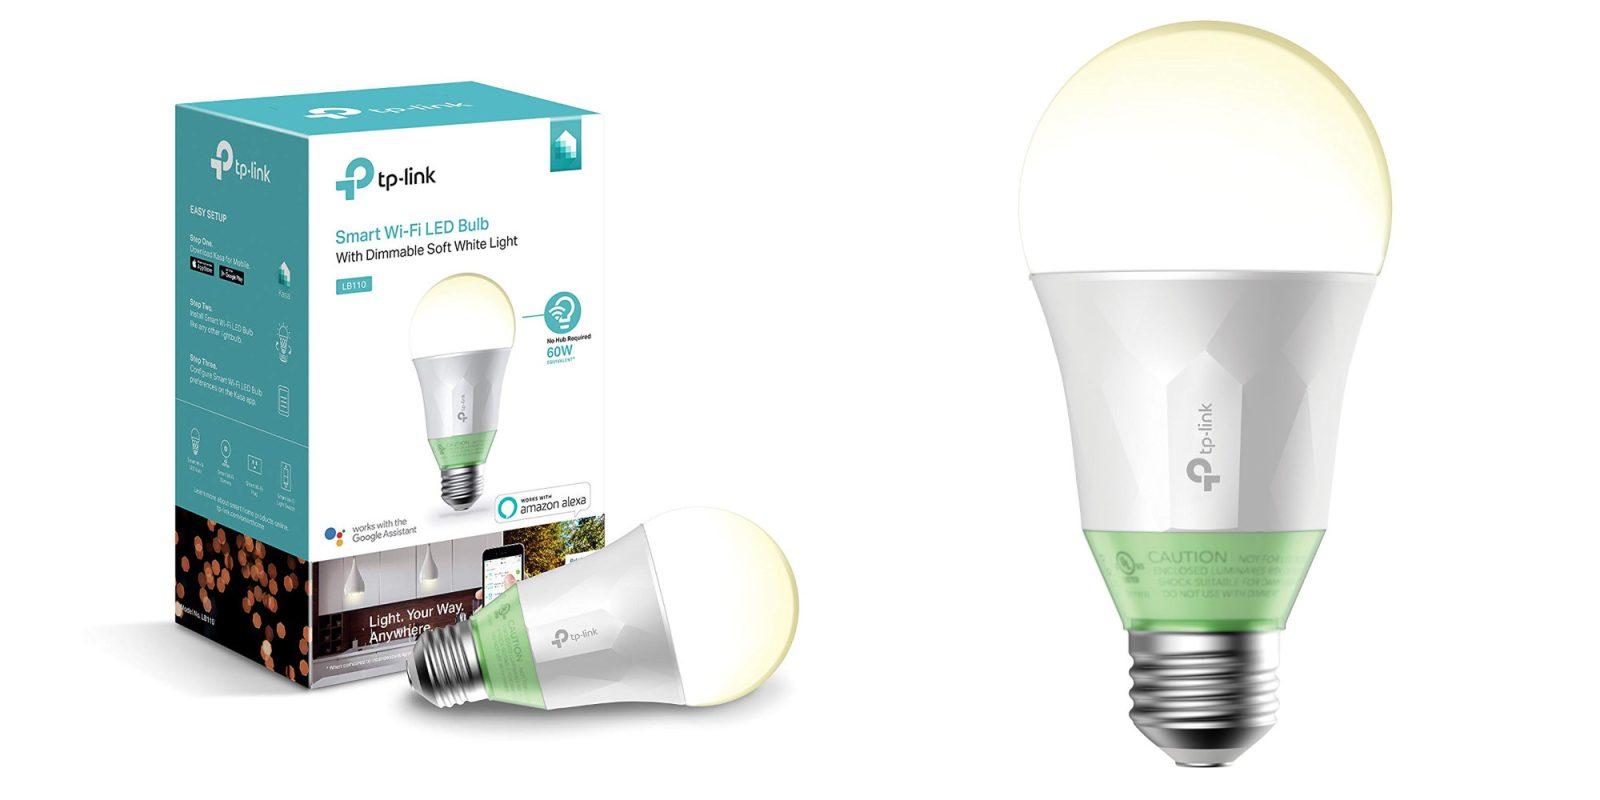 TP-Link smart bulbs do not require an additional hub, get